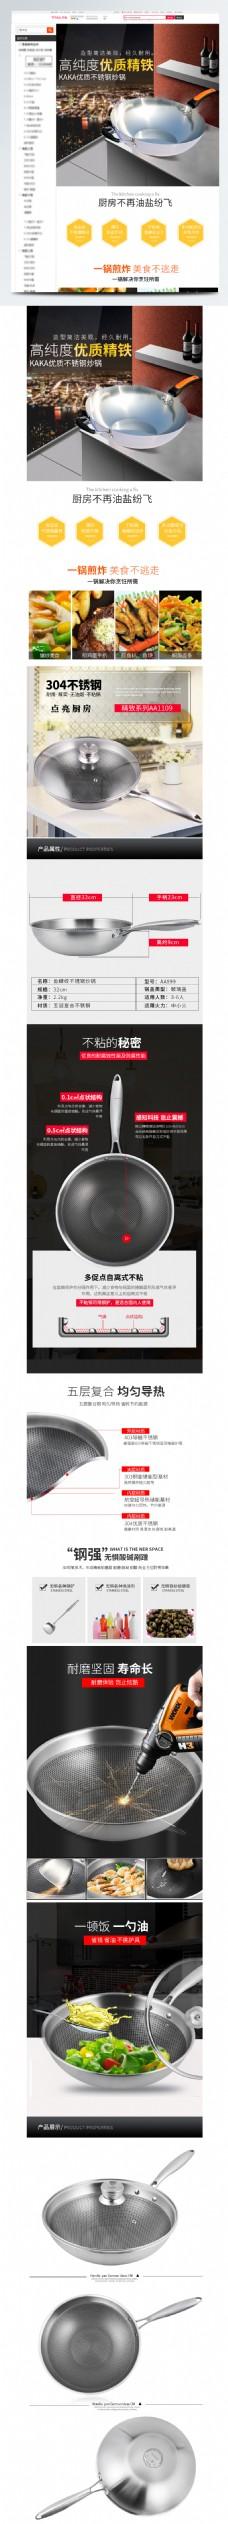 厨具锅具详情页描述模板PSD